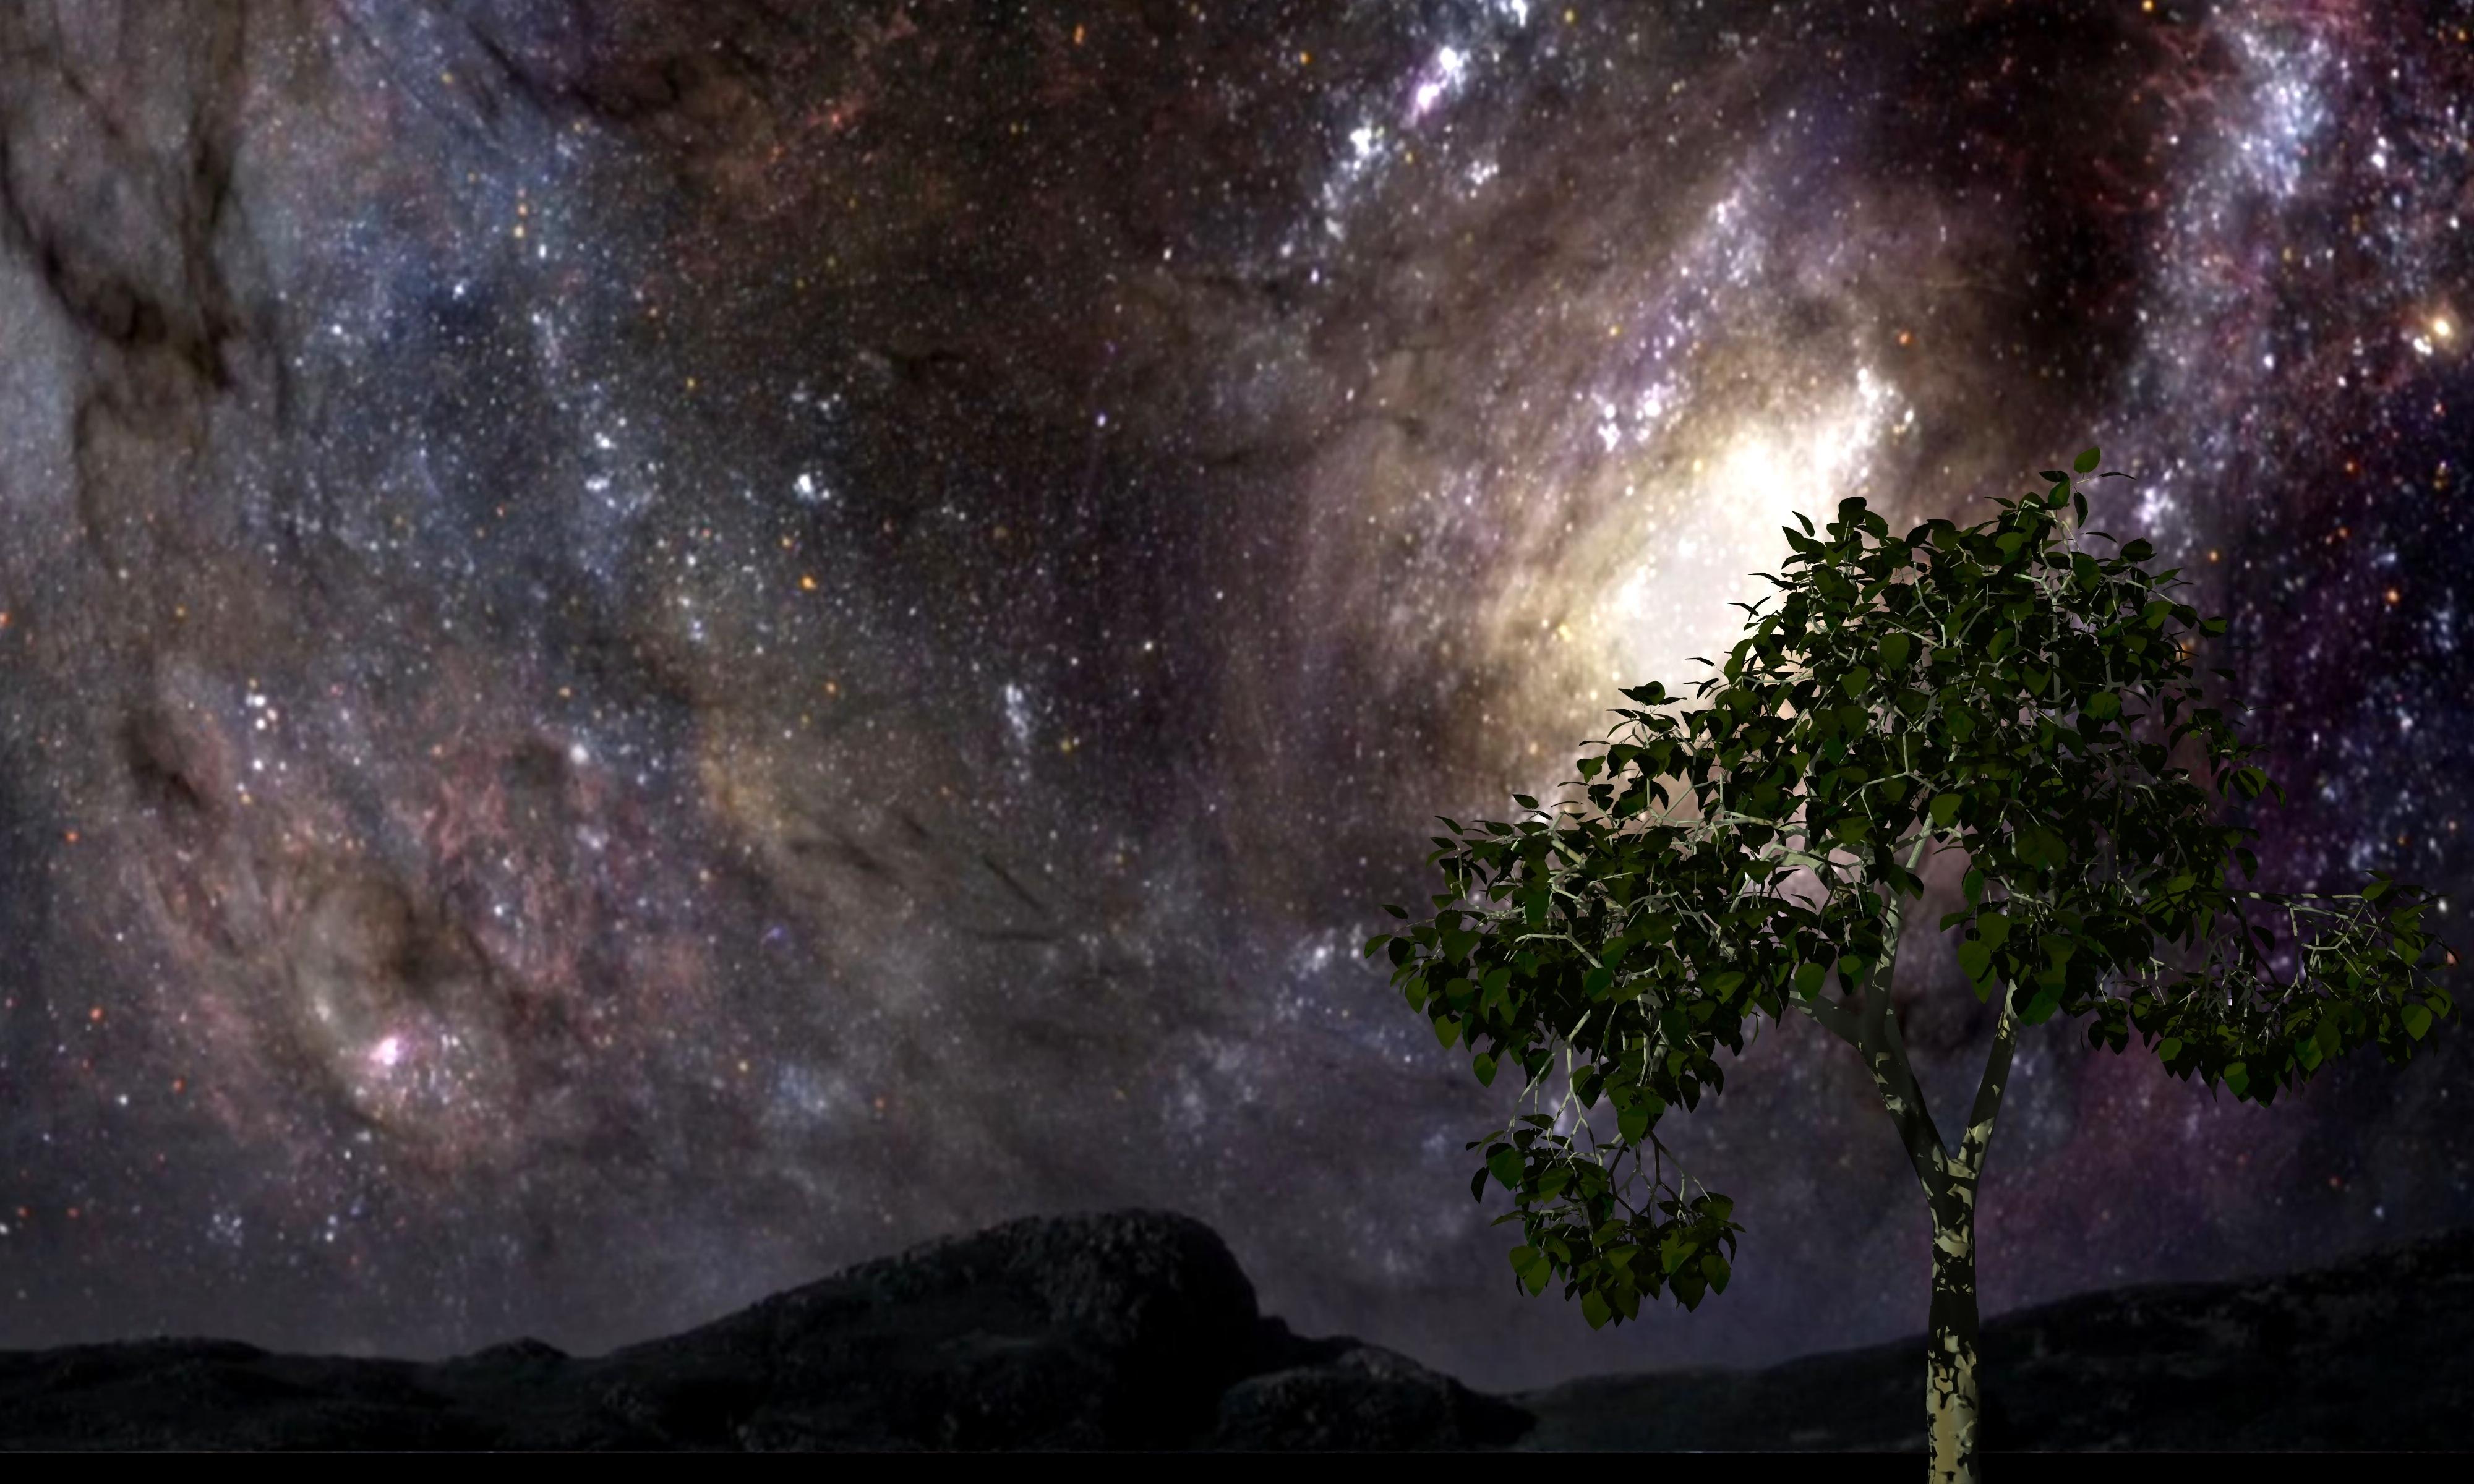 Fotos gratis rbol cielo v a l ctea atm sfera for Immagini universo gratis